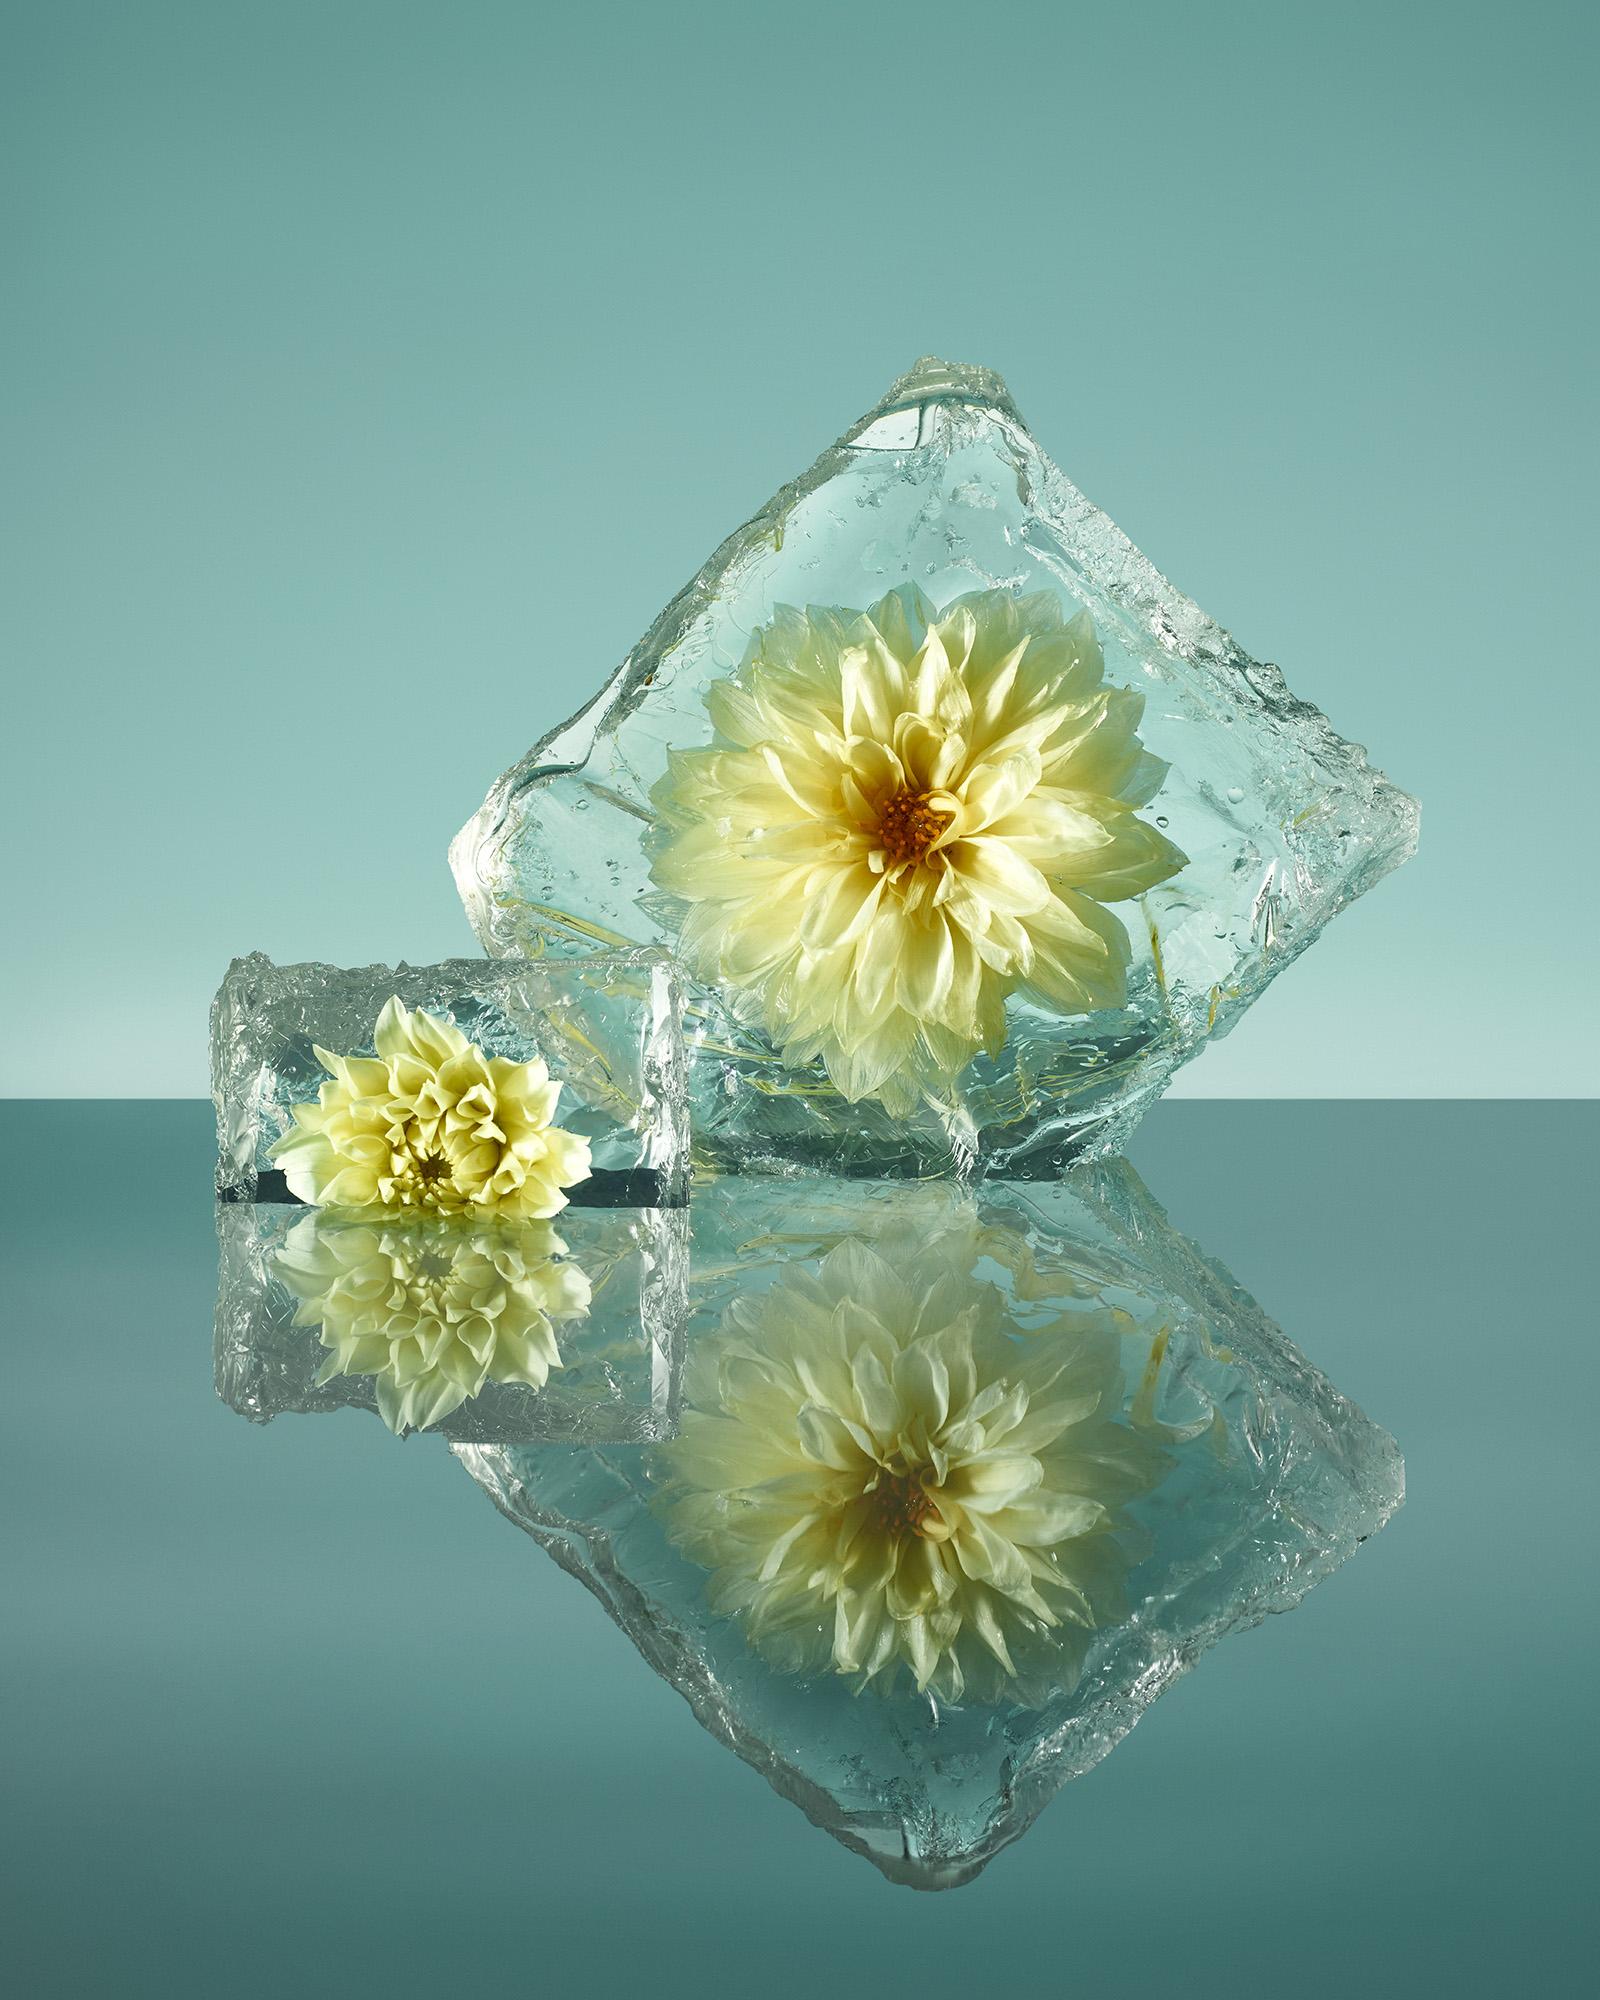 Frozen Flower Arrangements Are Insta Cool Summer Creations Creators